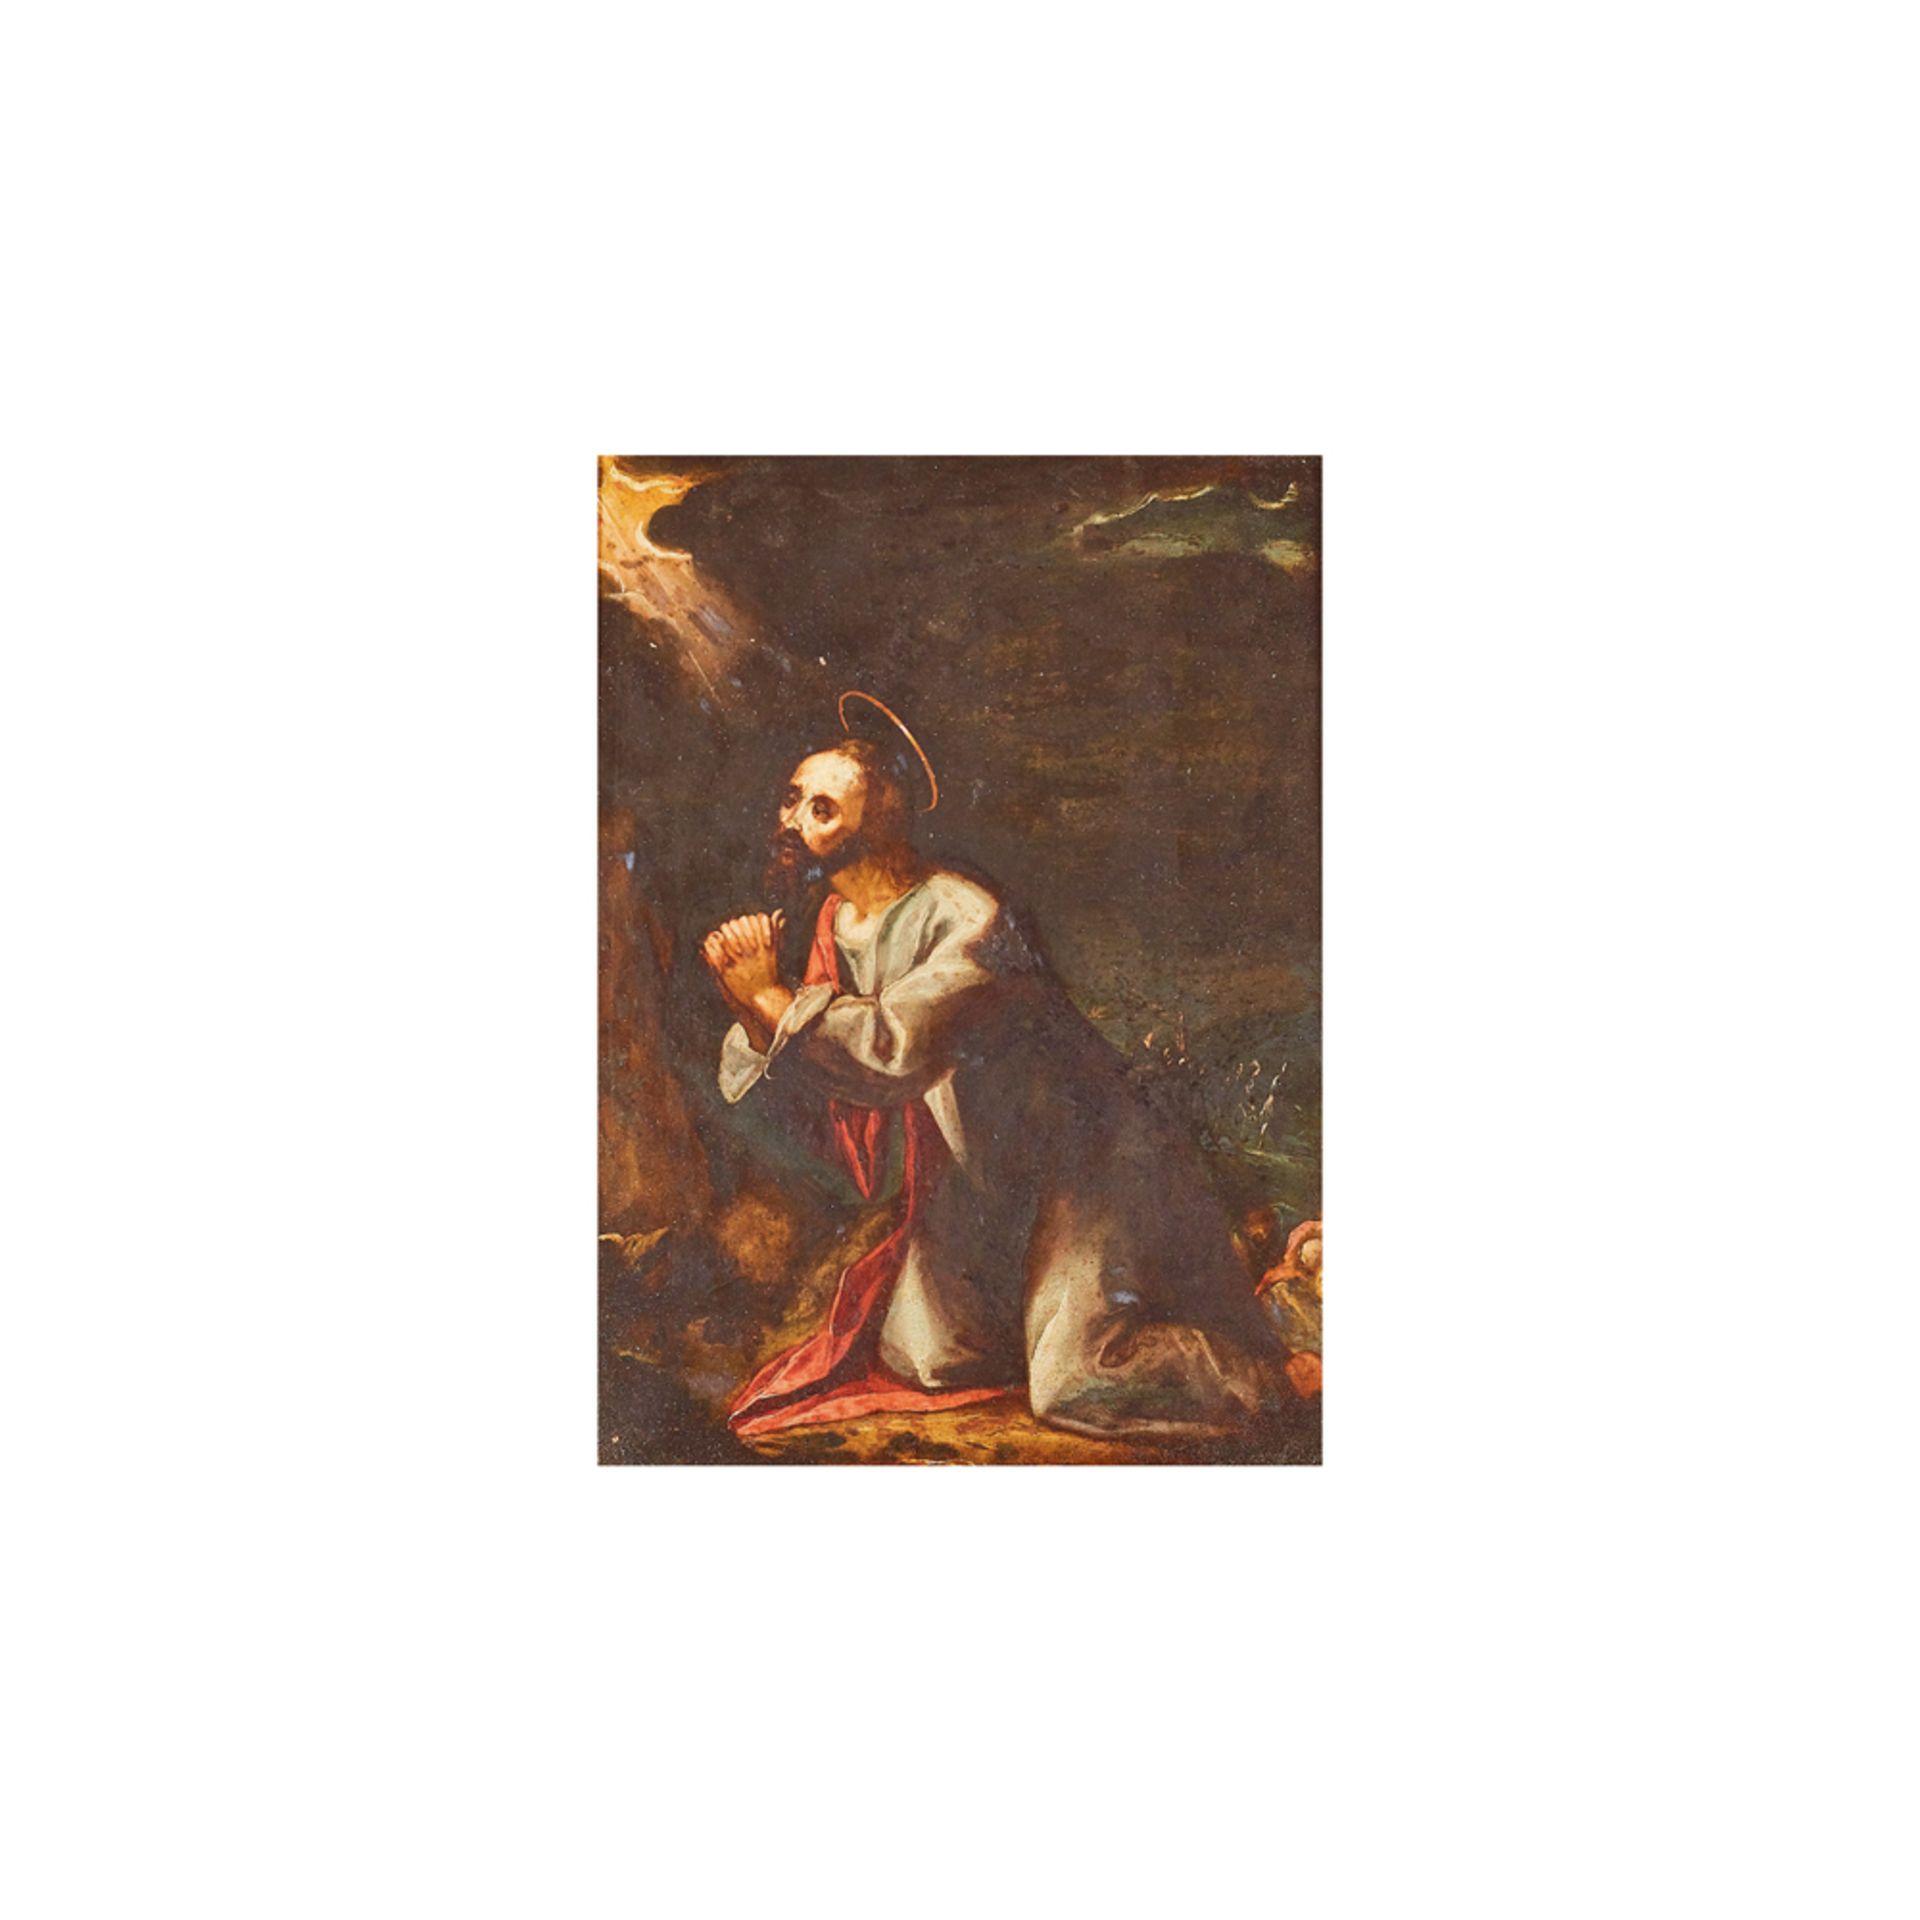 Los 11 - Escuela española, s.XVIII. El arrepentimiento de San Pedro. Óleo sobre cobre.